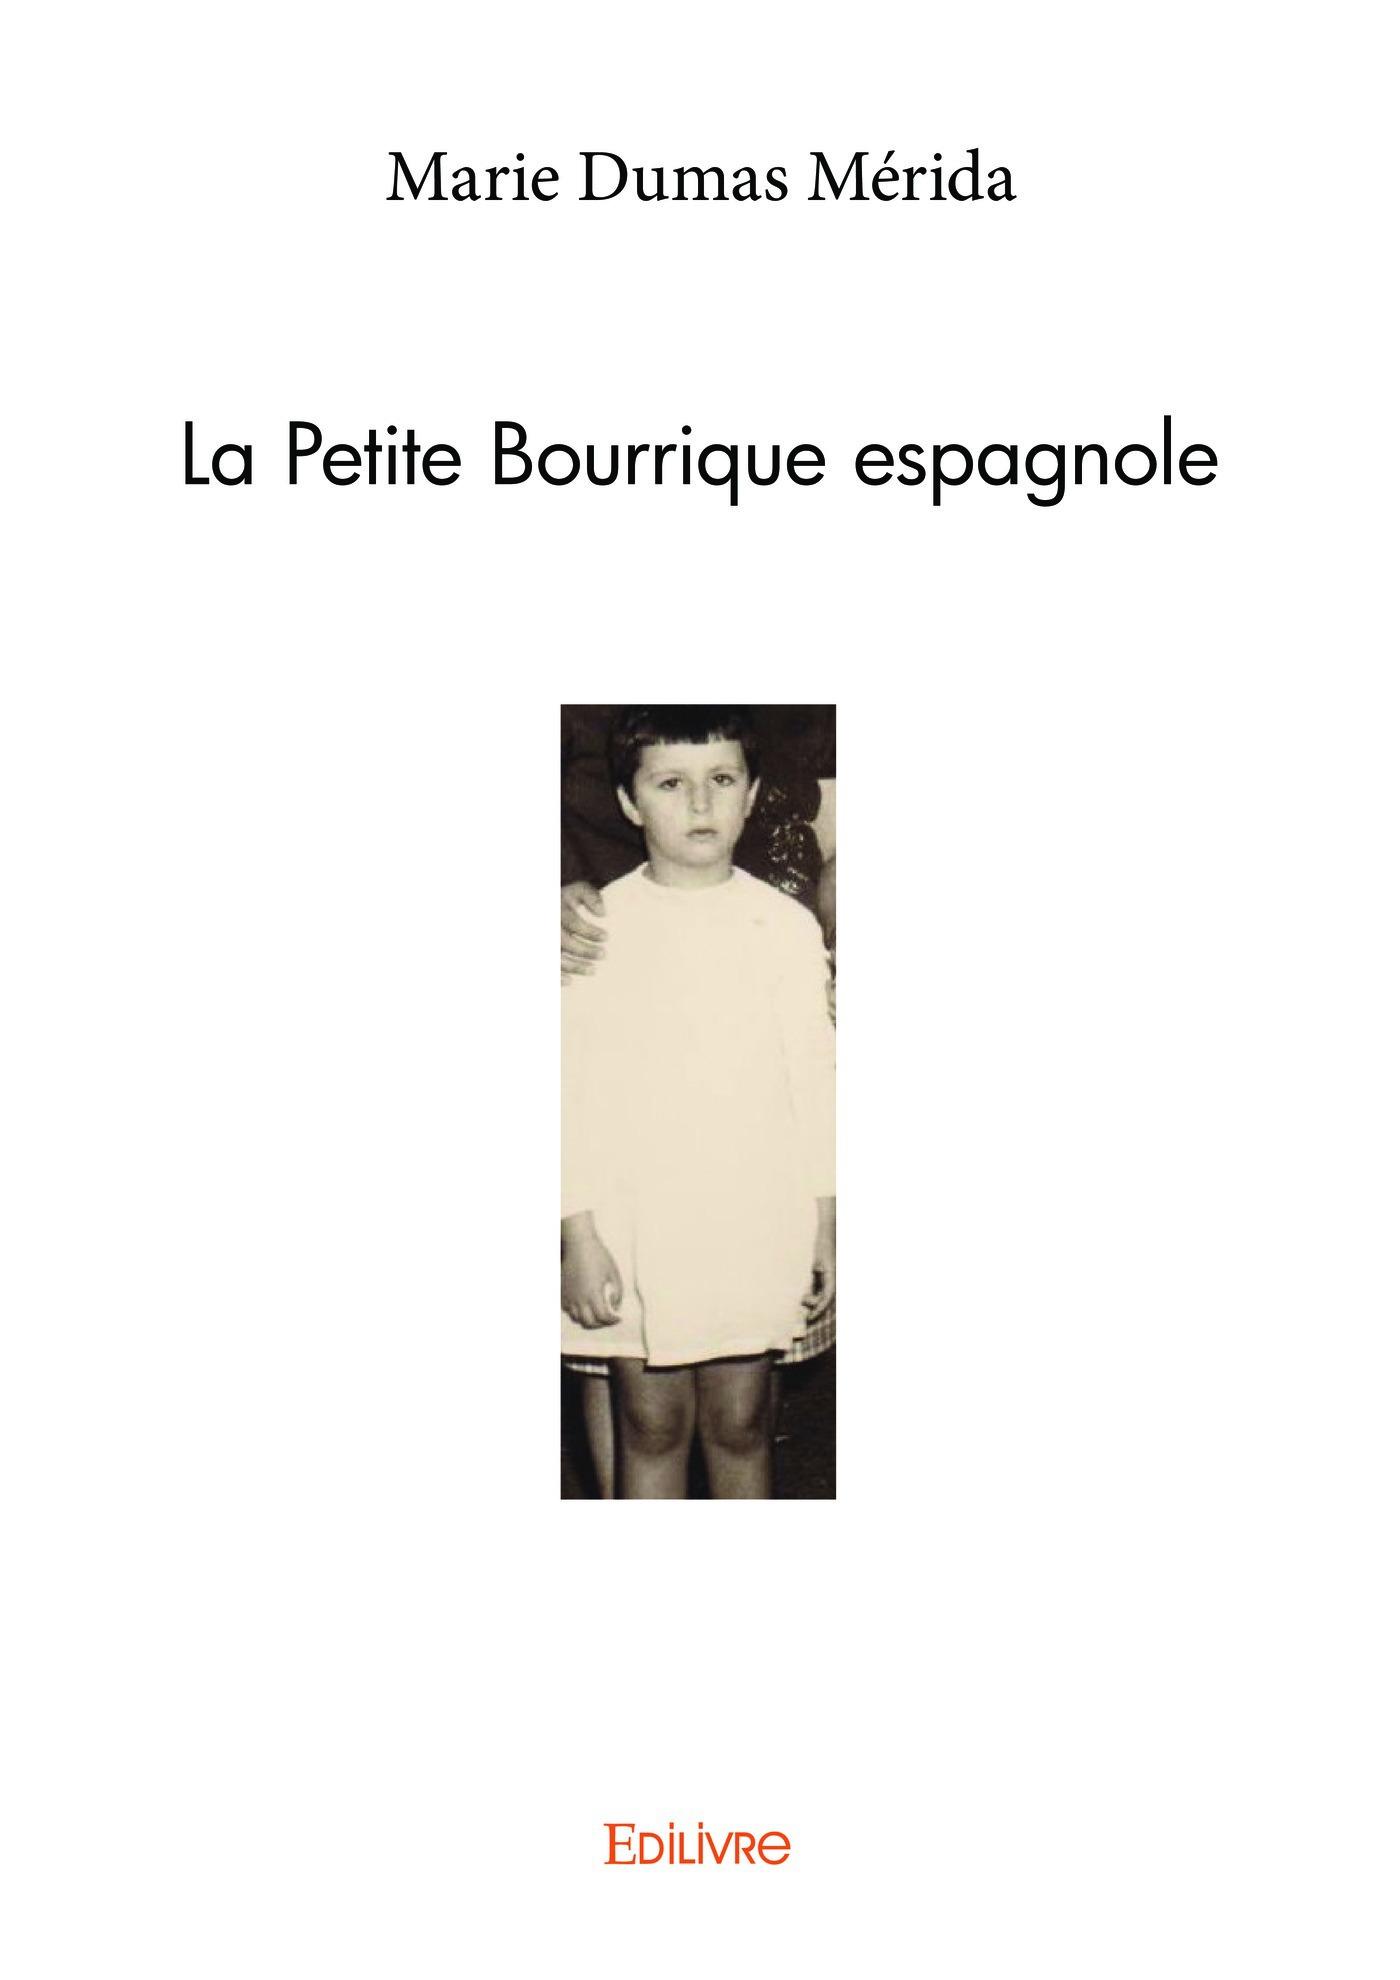 La Petite Bourrique espagnole